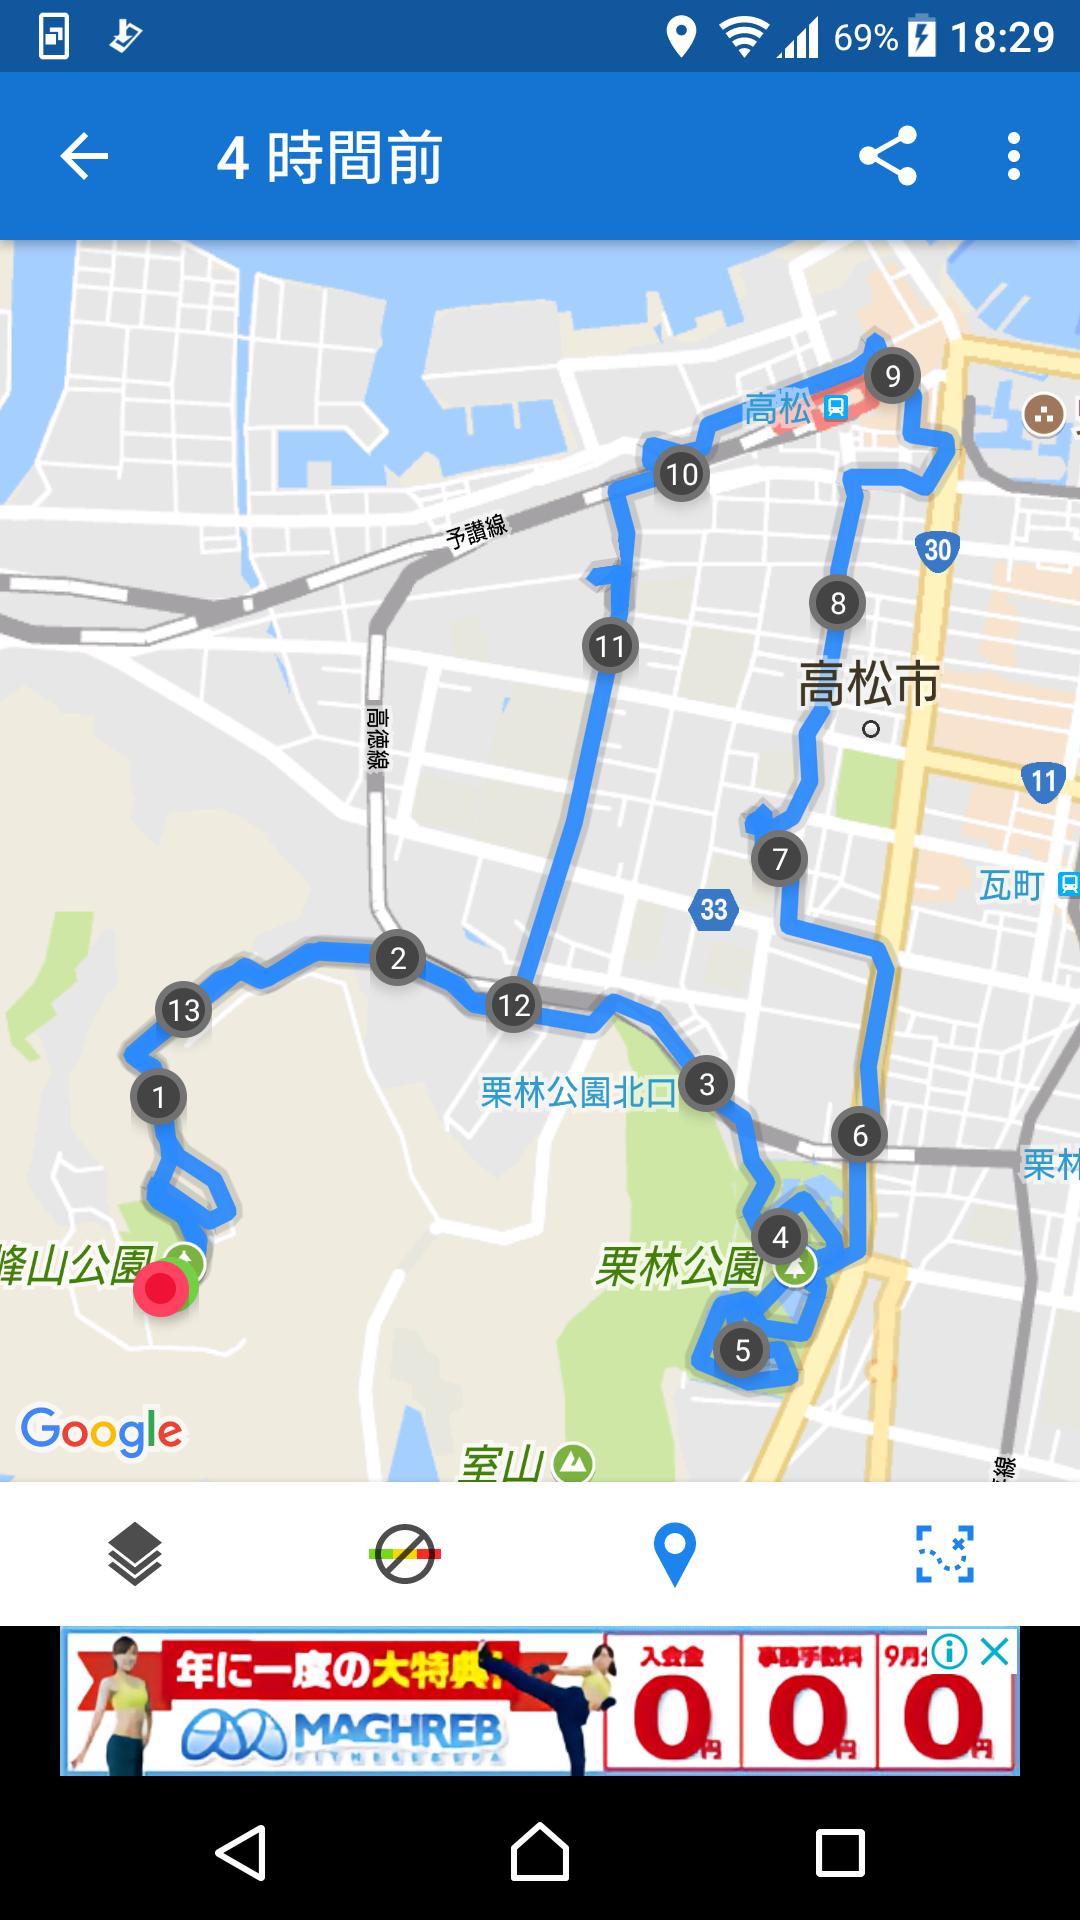 f:id:ynakayama27:20170914102926p:plain